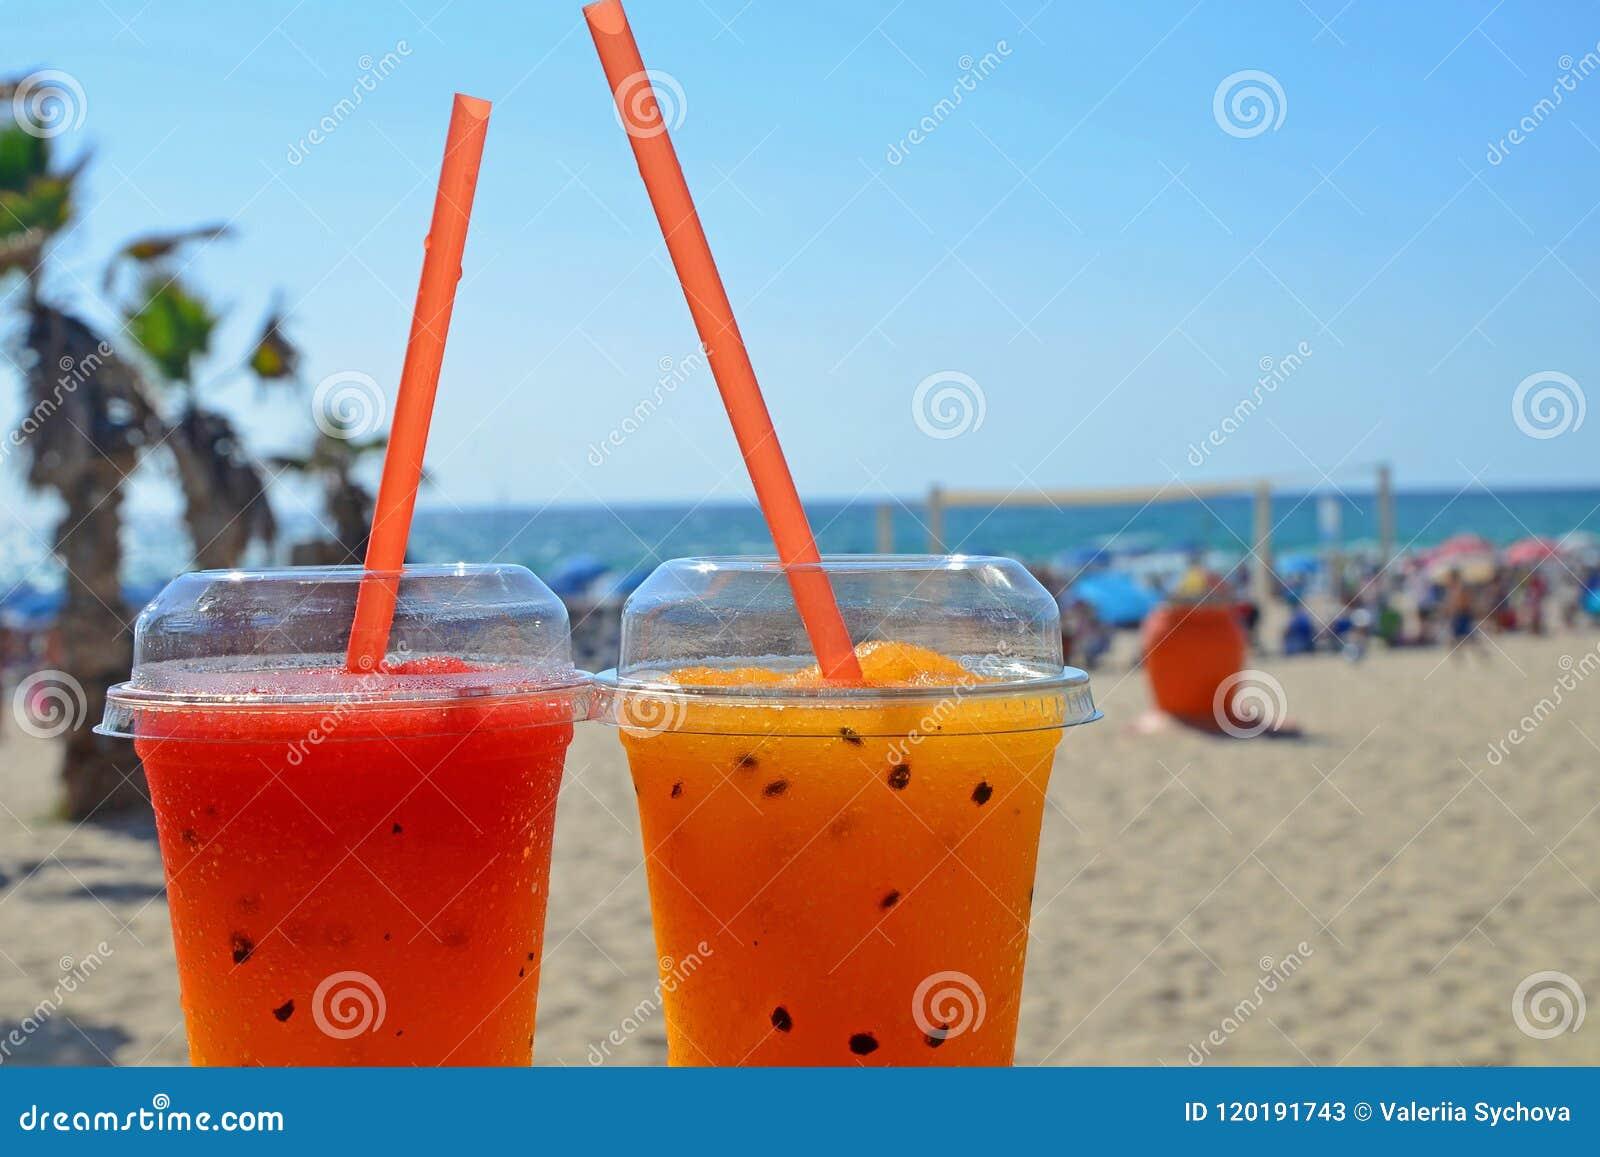 Deux macédoines de fruits lumineuses avec de la glace en verres avec des tubes Boissons fraîches sur la plage contre le contexte